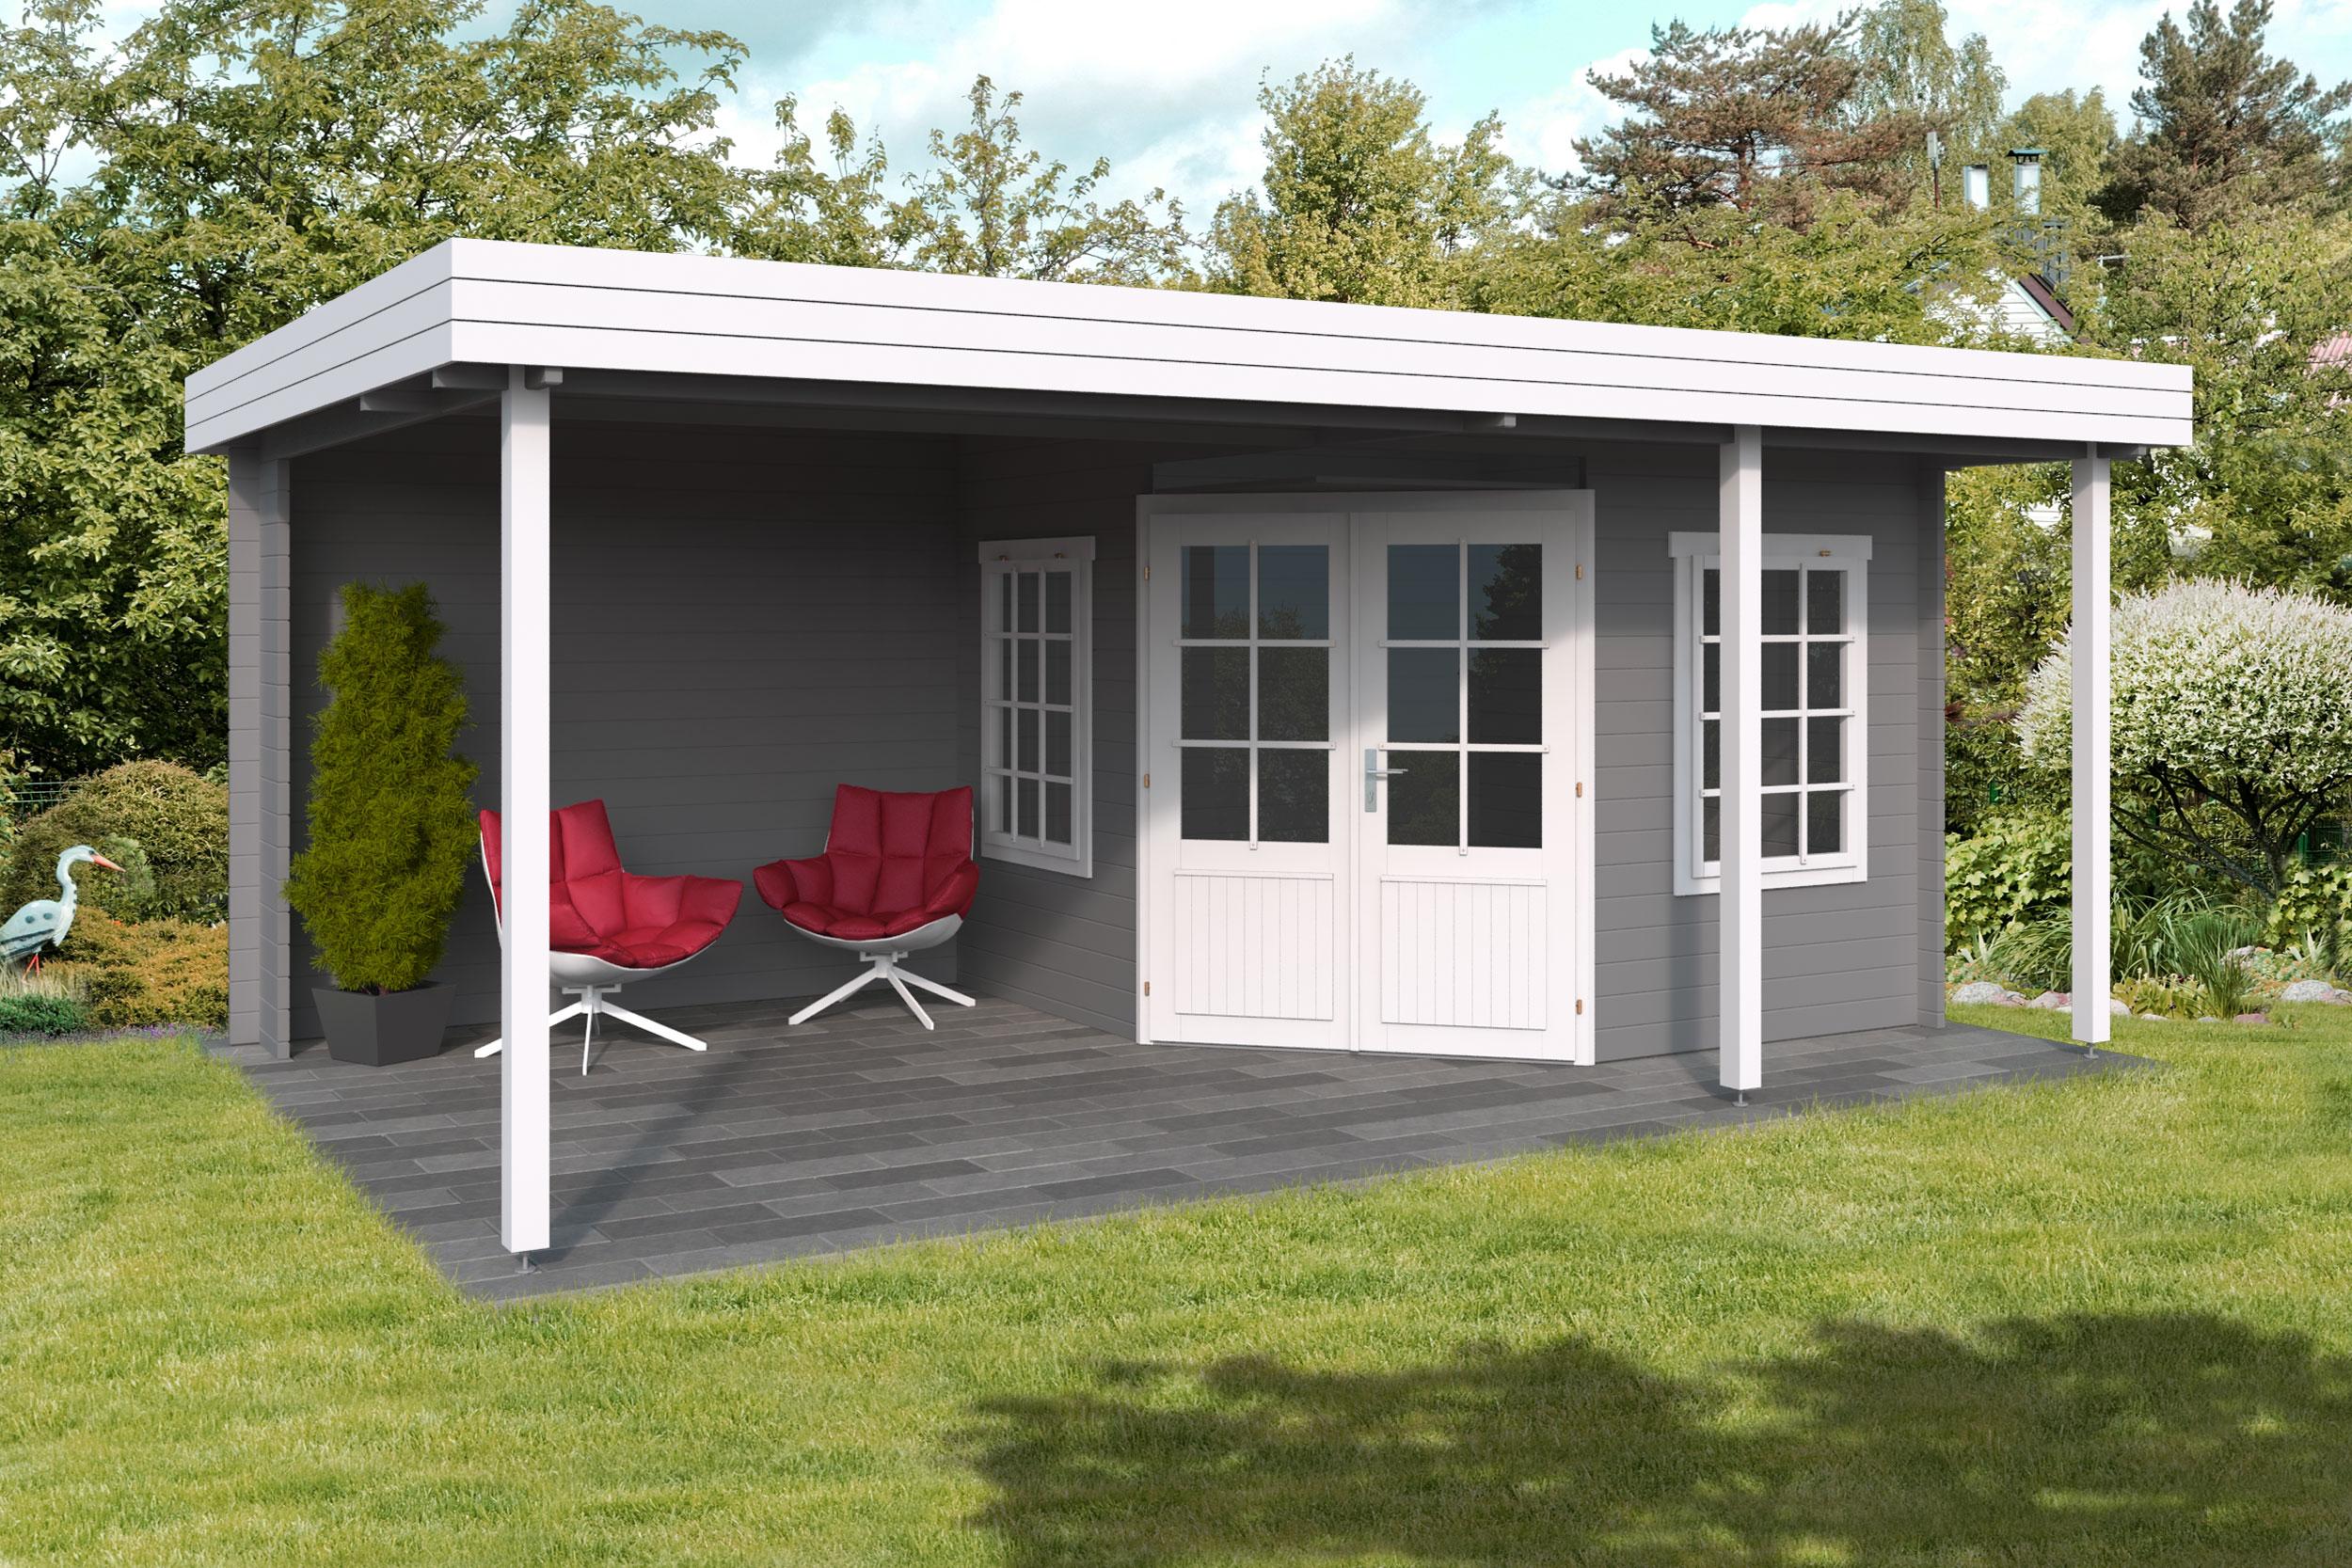 Lotte 3 pavillon af træ kan købes hos www.sølundhuse.dk designet til at kunne stå i skel